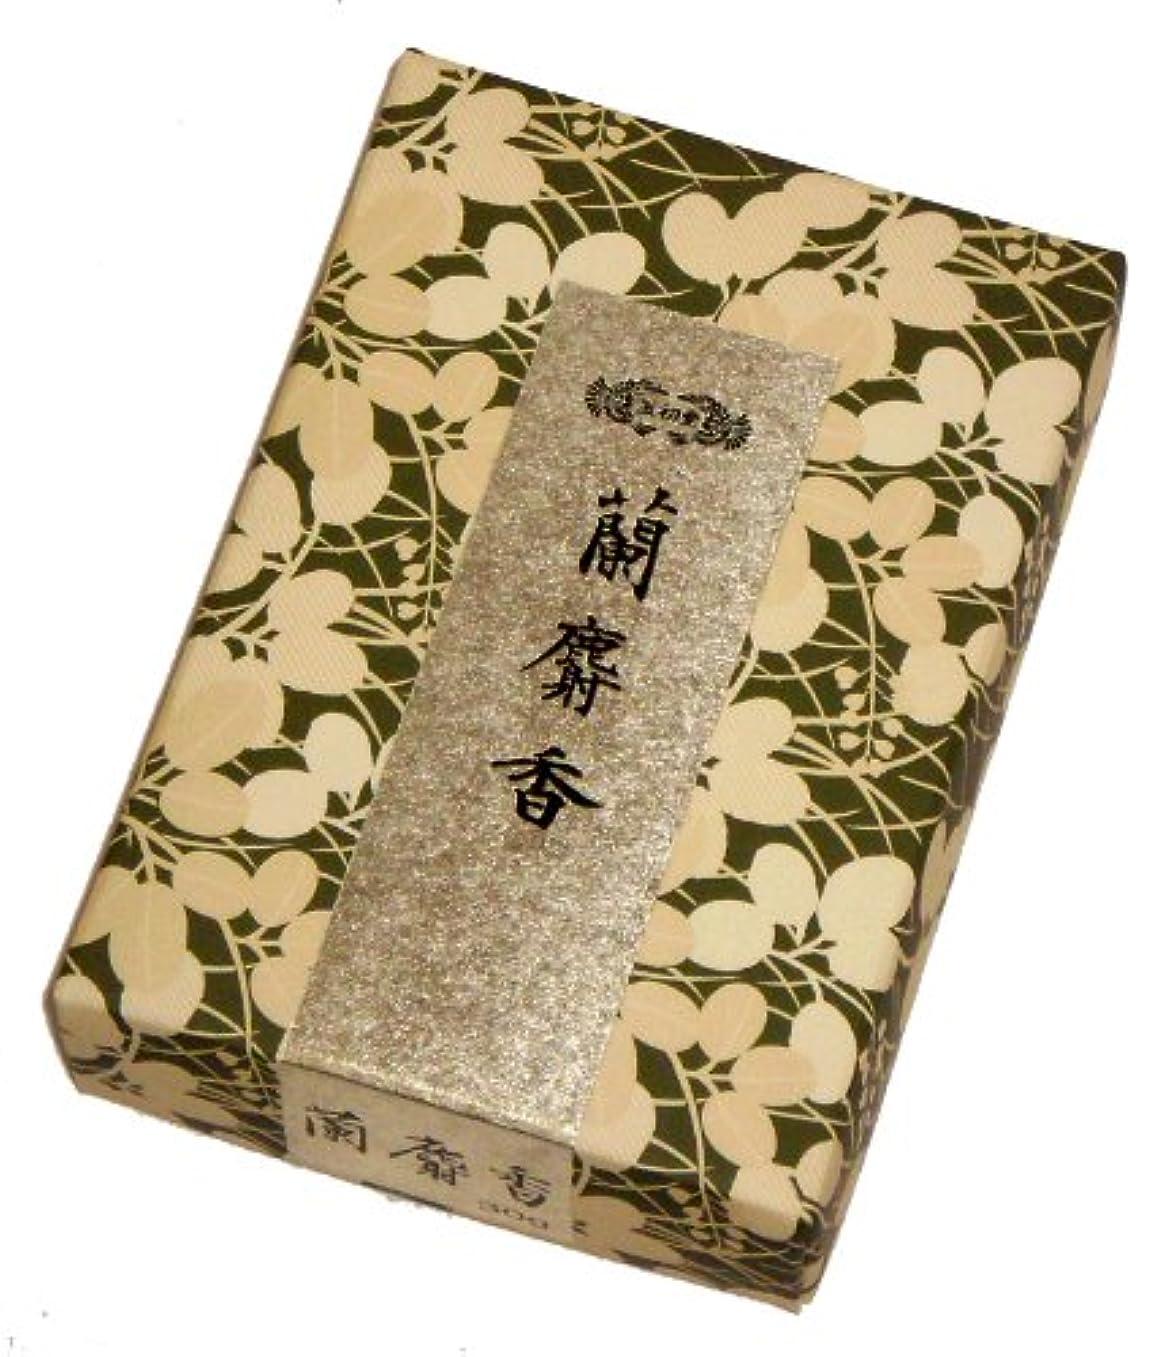 海賊驚キロメートル玉初堂のお香 蘭麝香 30g #625